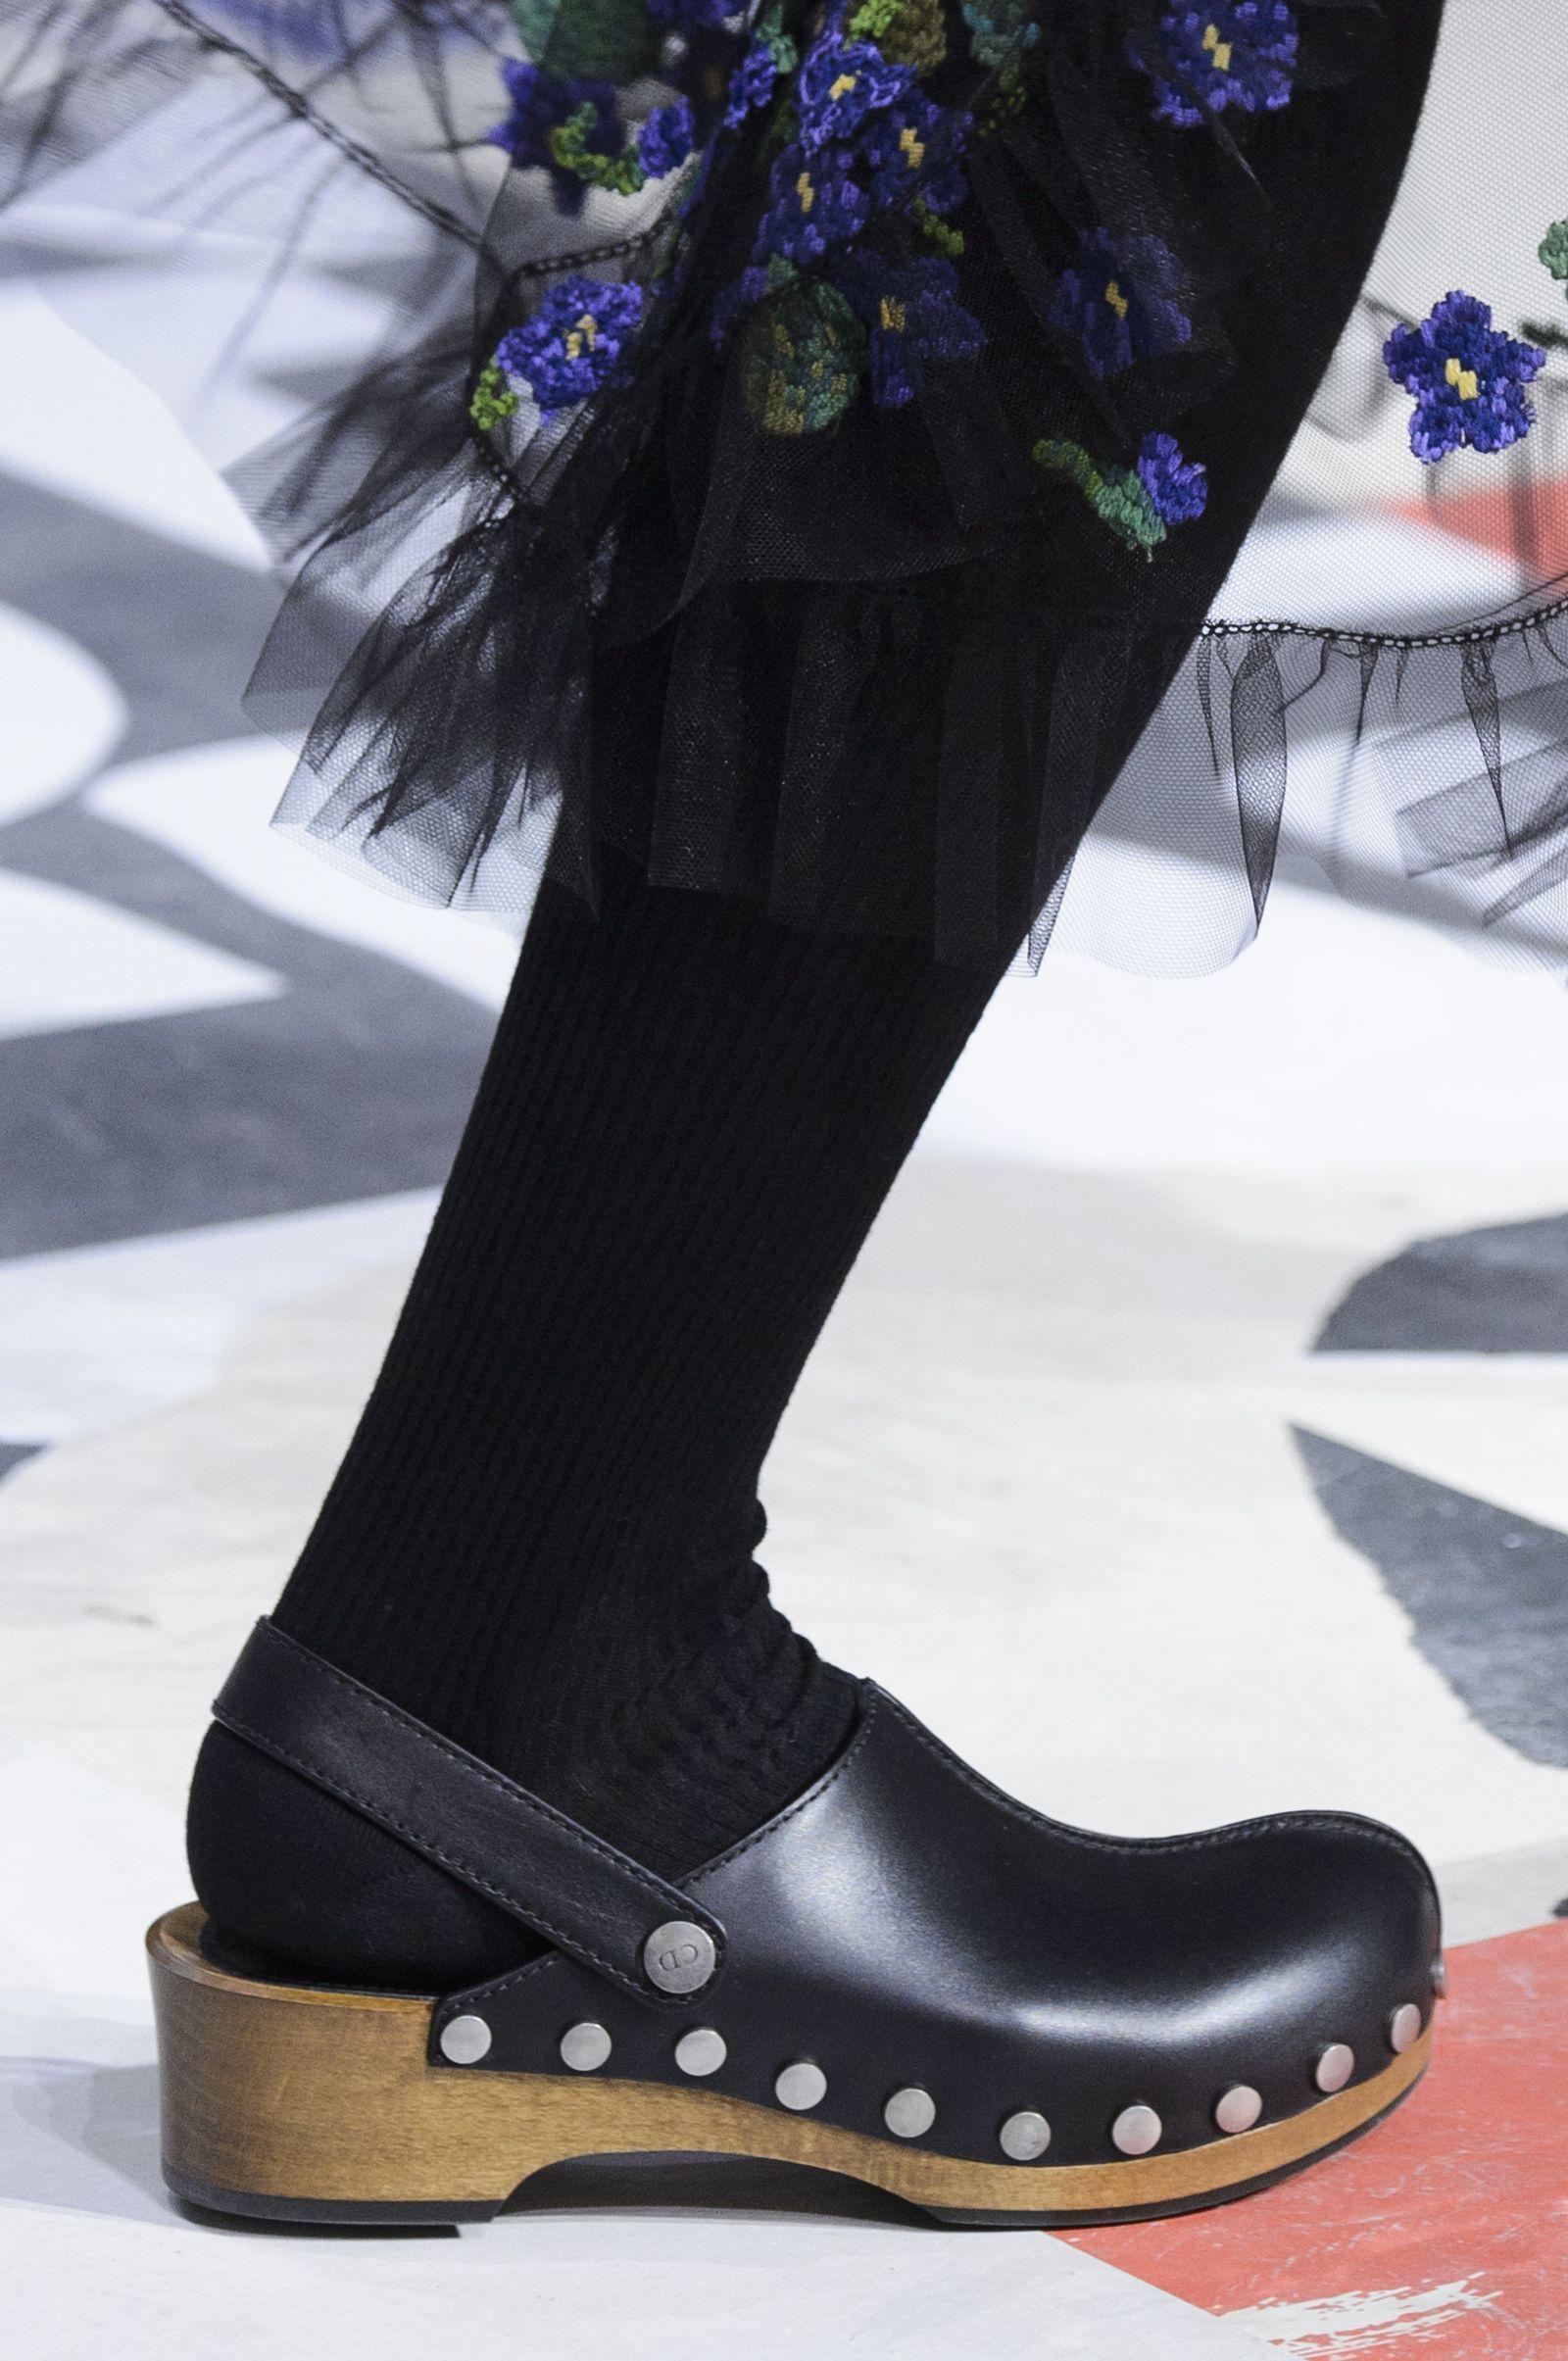 0f3f4410c4 Le scarpe di moda per l'Autunno Inverno 2018 2019 viste alle sfilate sono i